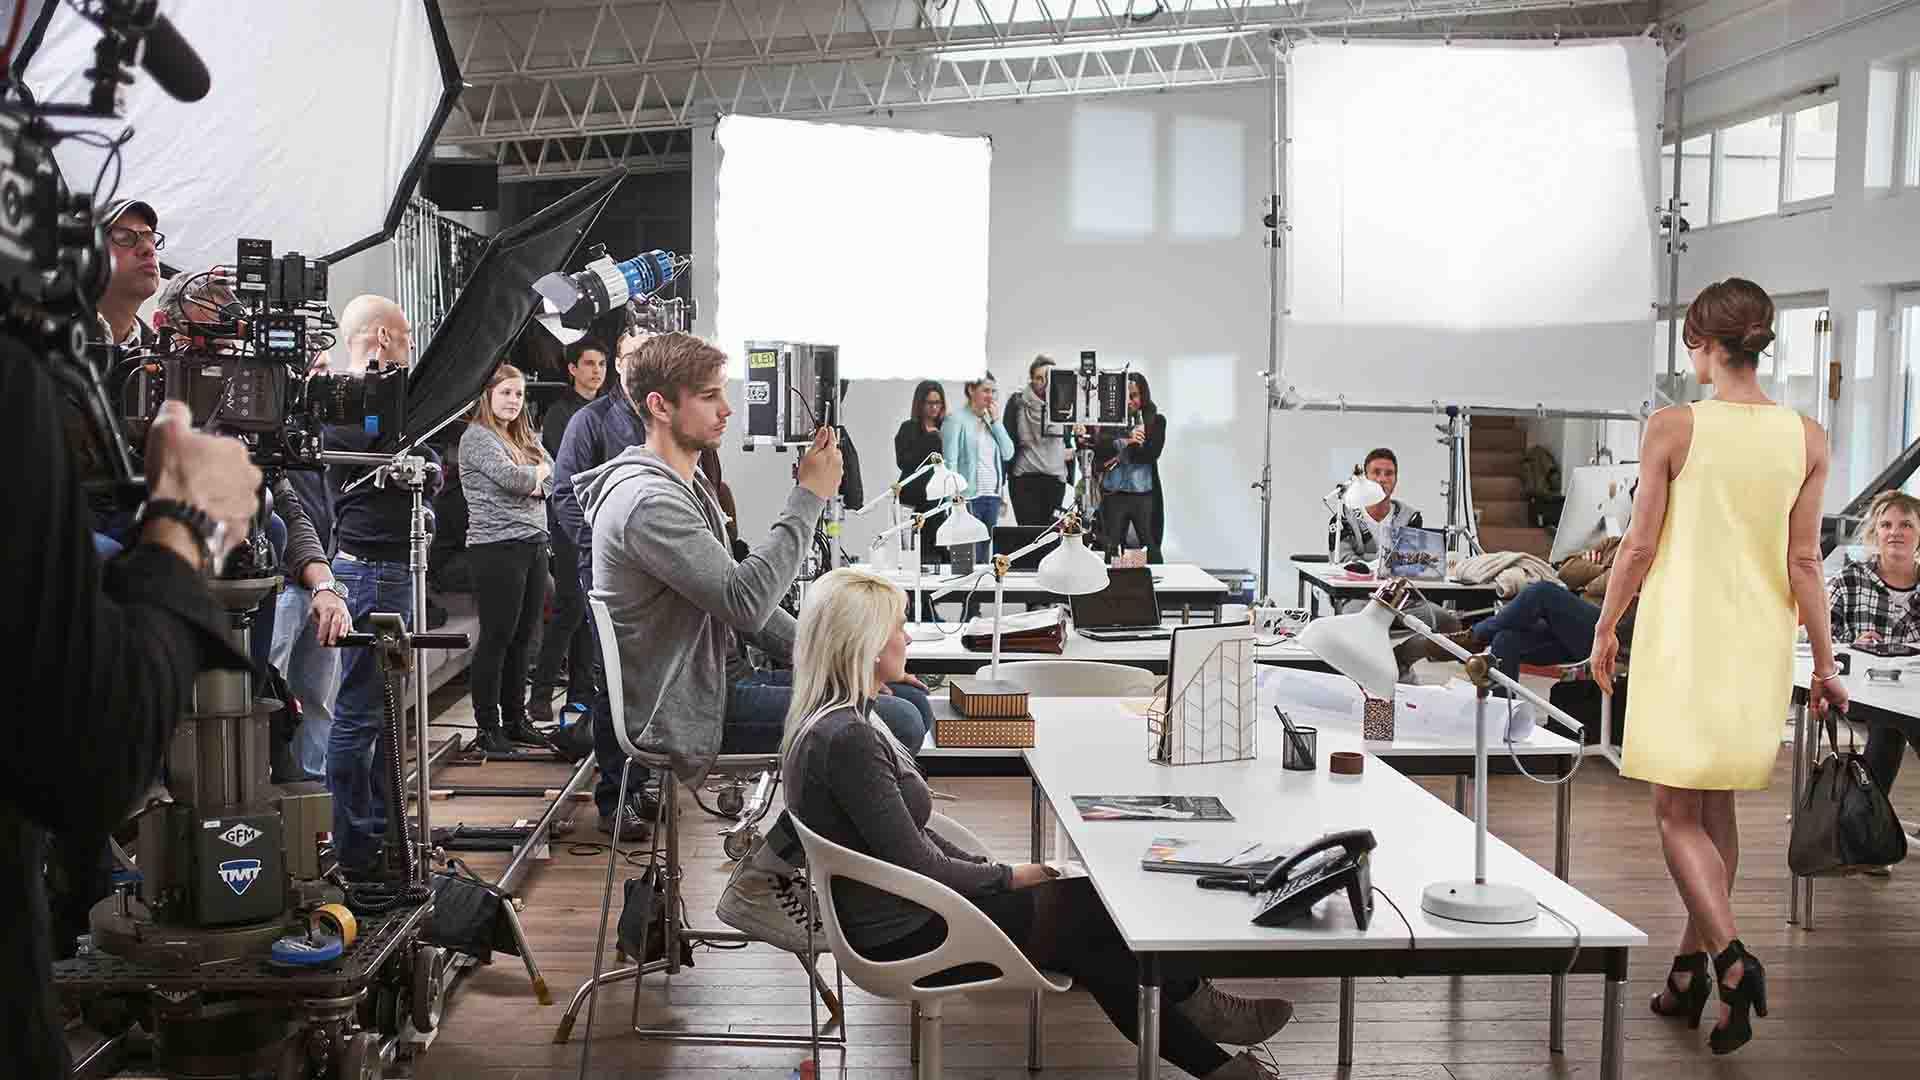 Das Bild zeigt eine Frau in einem gelben Kleid. Sie läuft über einen Laufsteg in einem Büro. An den Rändern des Büros stehen Menschen die die Frau beobachten. Ein Mann filmt sie mit seinem Handy. Kameras und Lichter sind aufgestellt, die die Frau filmen. Das Bild dient als Sliderbild für den Portfolioeintrag MADELEINE Mode – DRTV Spot von Panda Pictures.